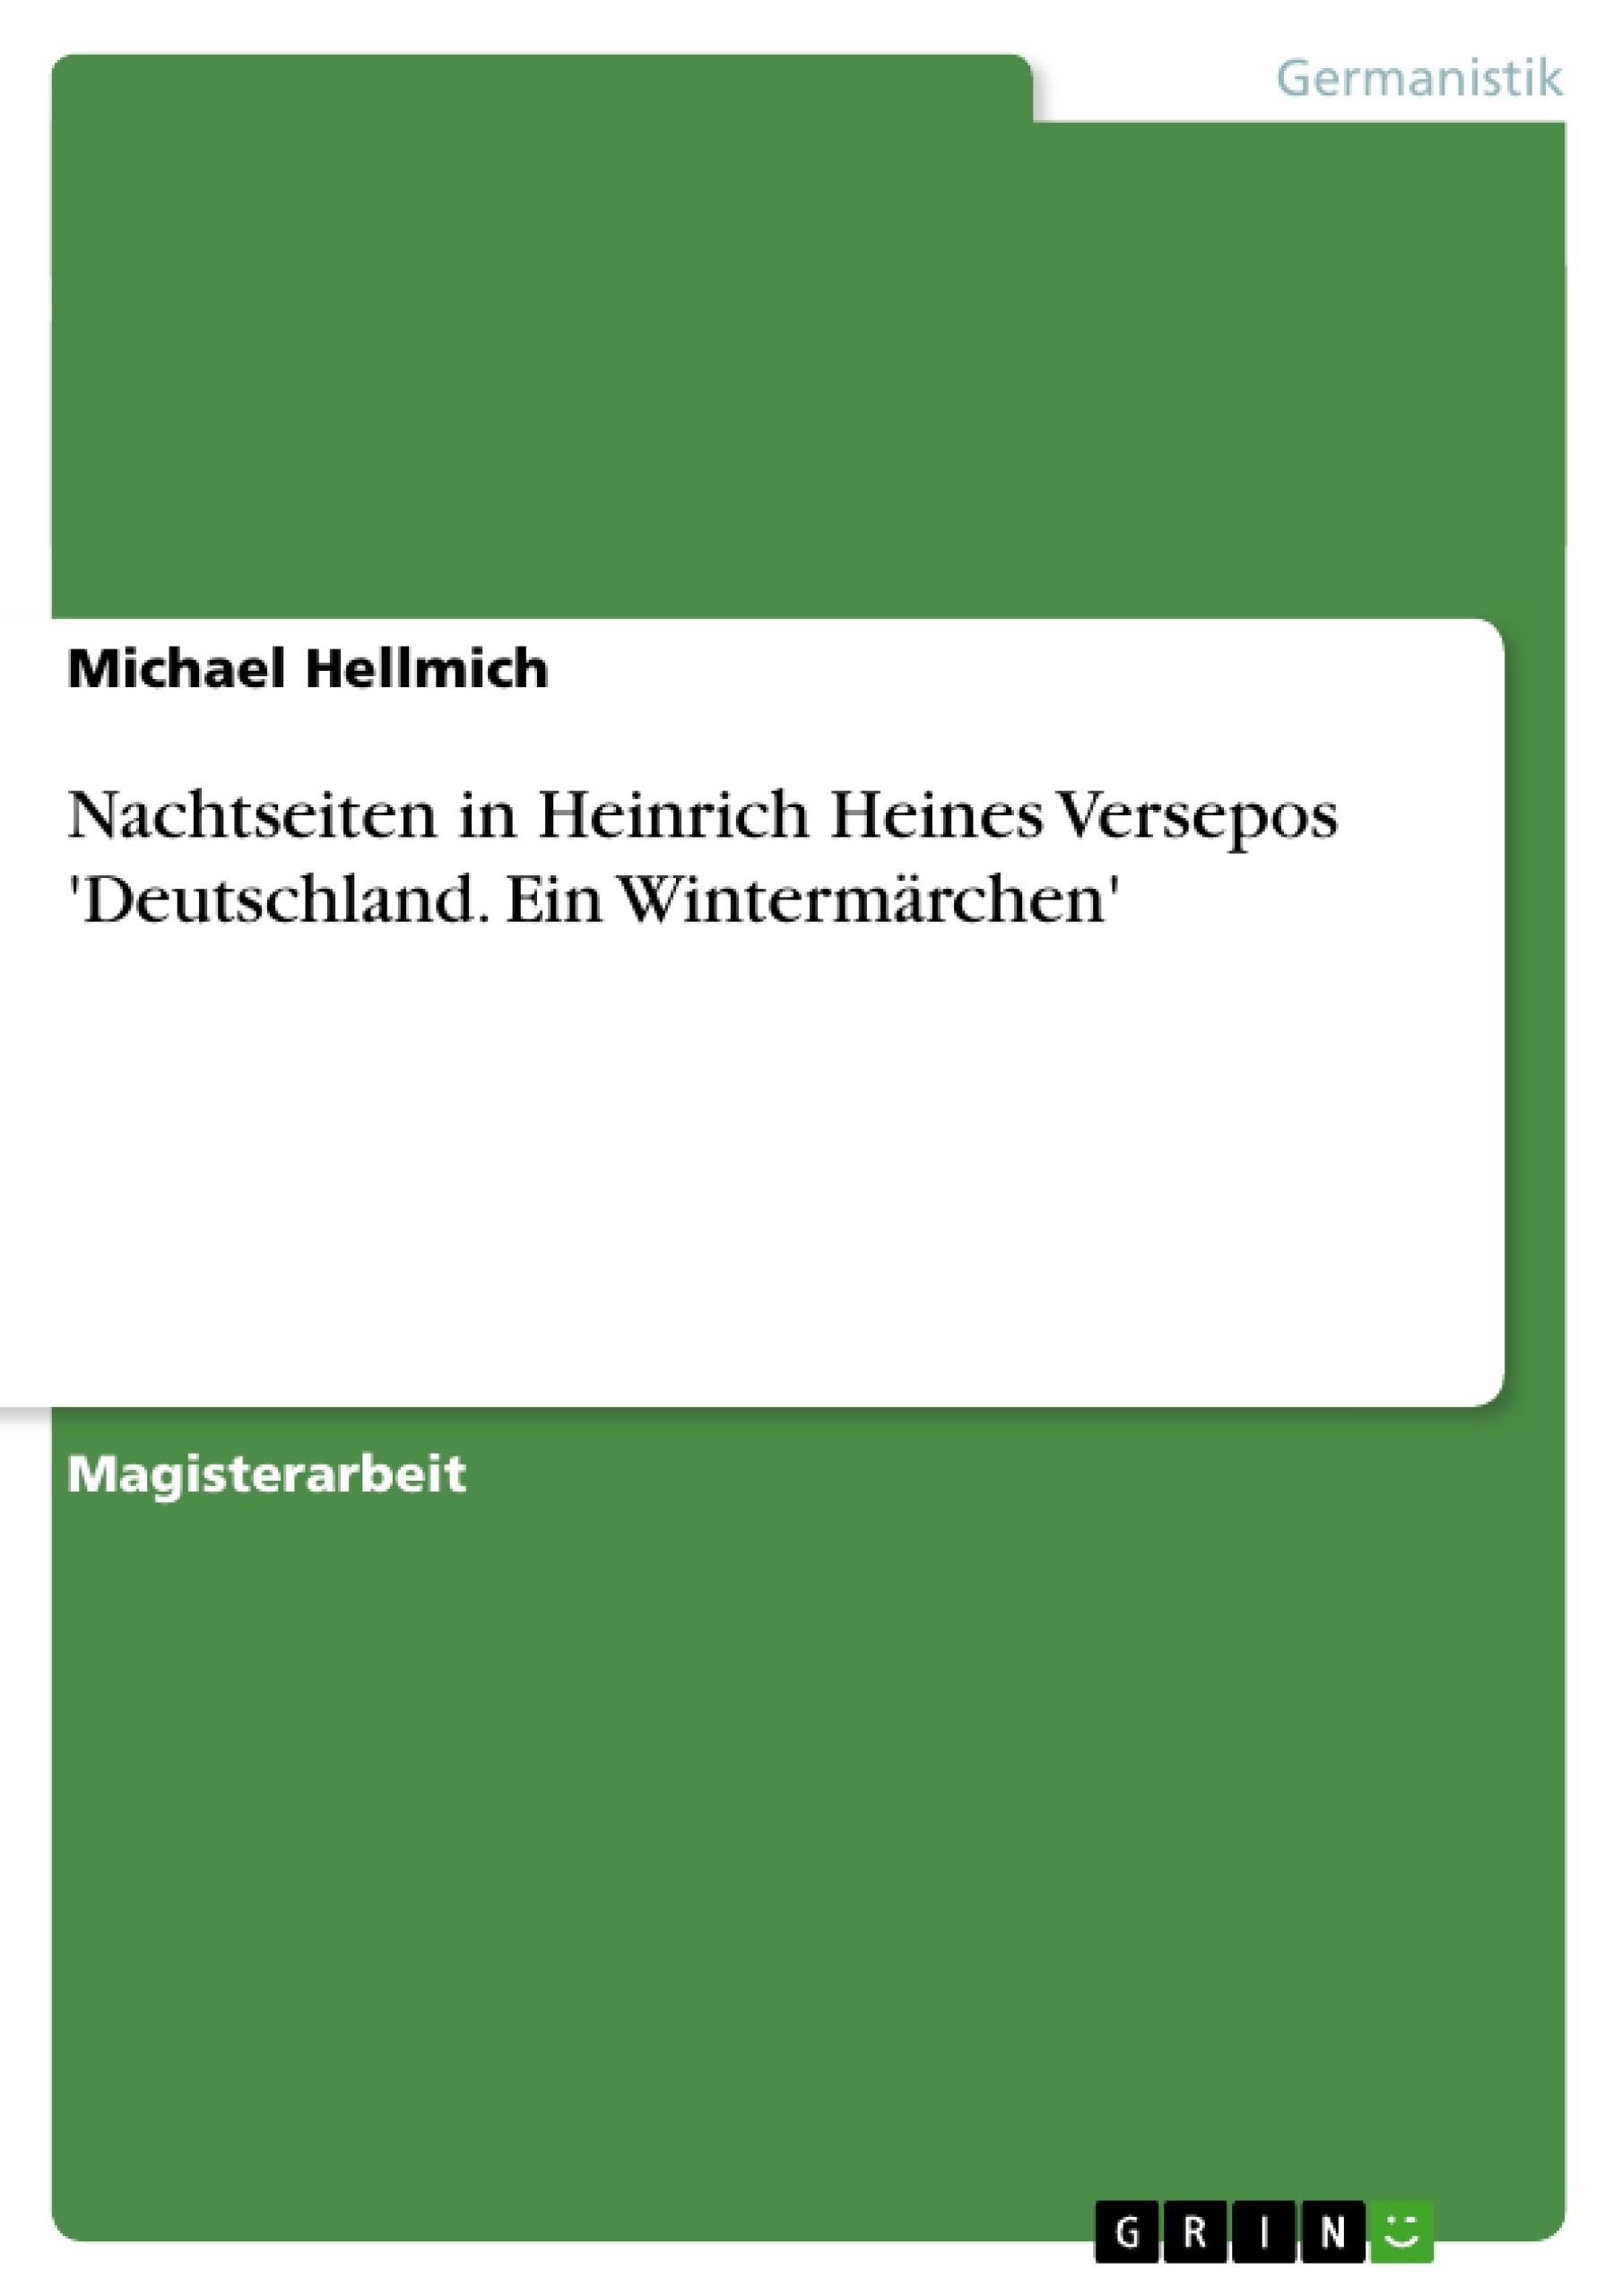 Titel: Nachtseiten in Heinrich Heines Versepos 'Deutschland. Ein Wintermärchen'